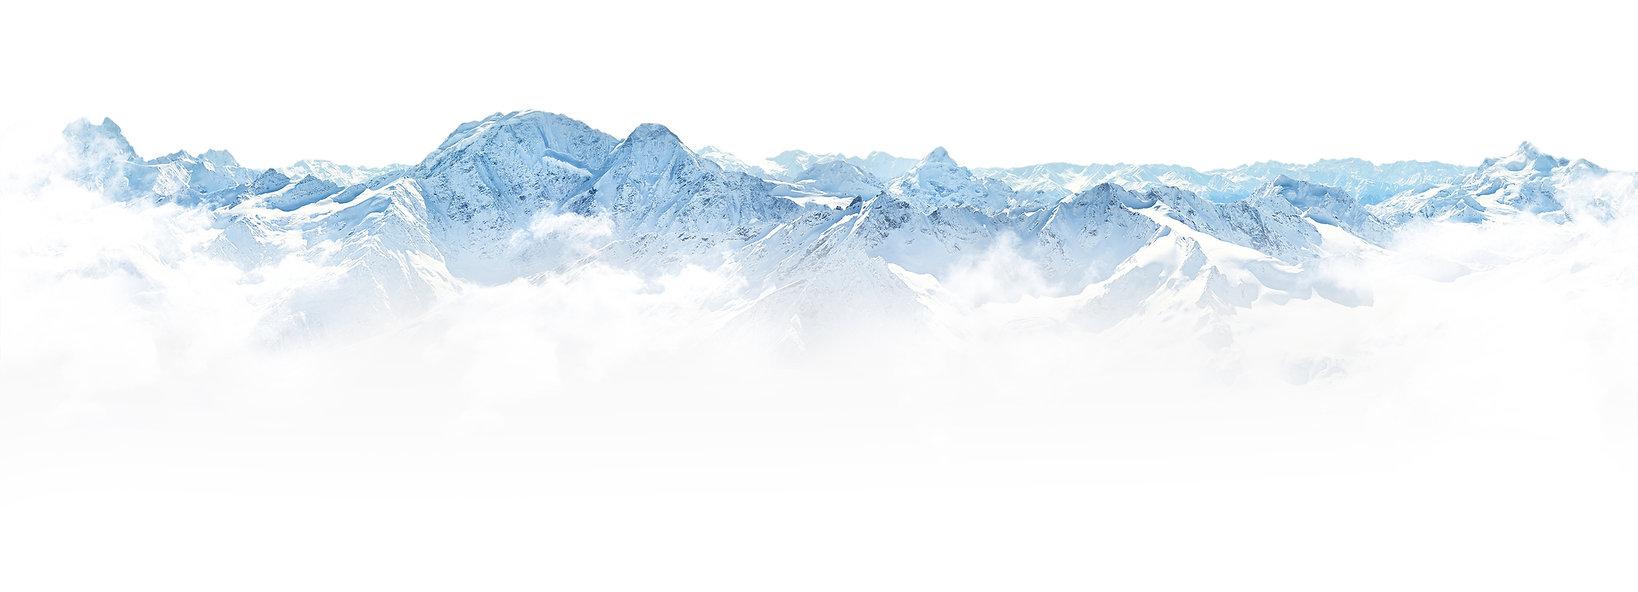 us-eyewear-snowboarding-mountains.jpg